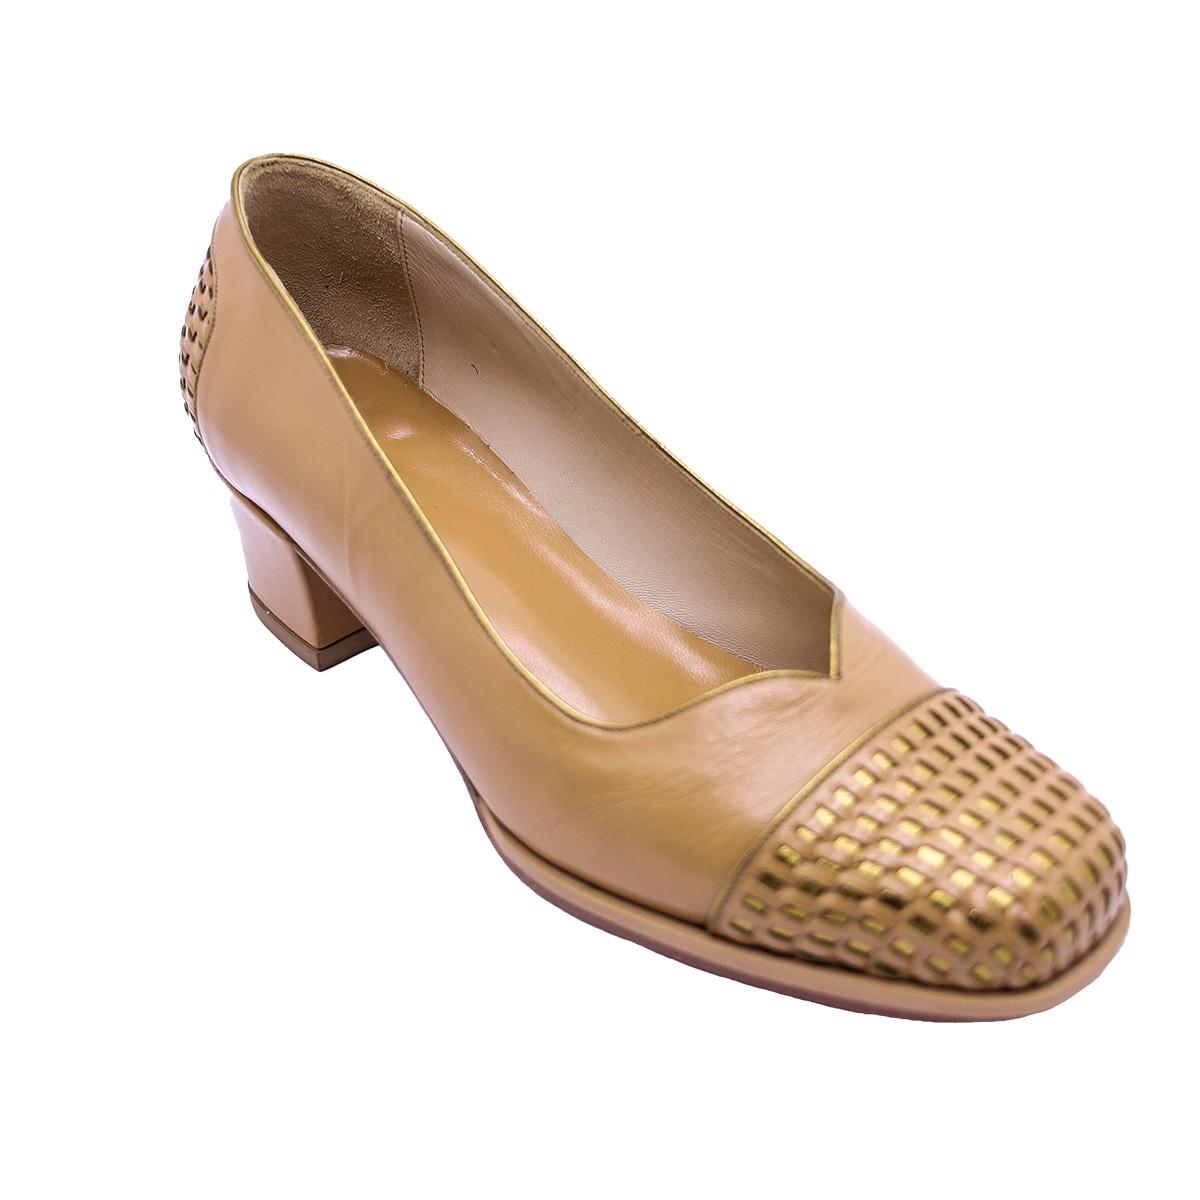 Sapato Ruth Tresse  Pelica Amêndoa 4 cm